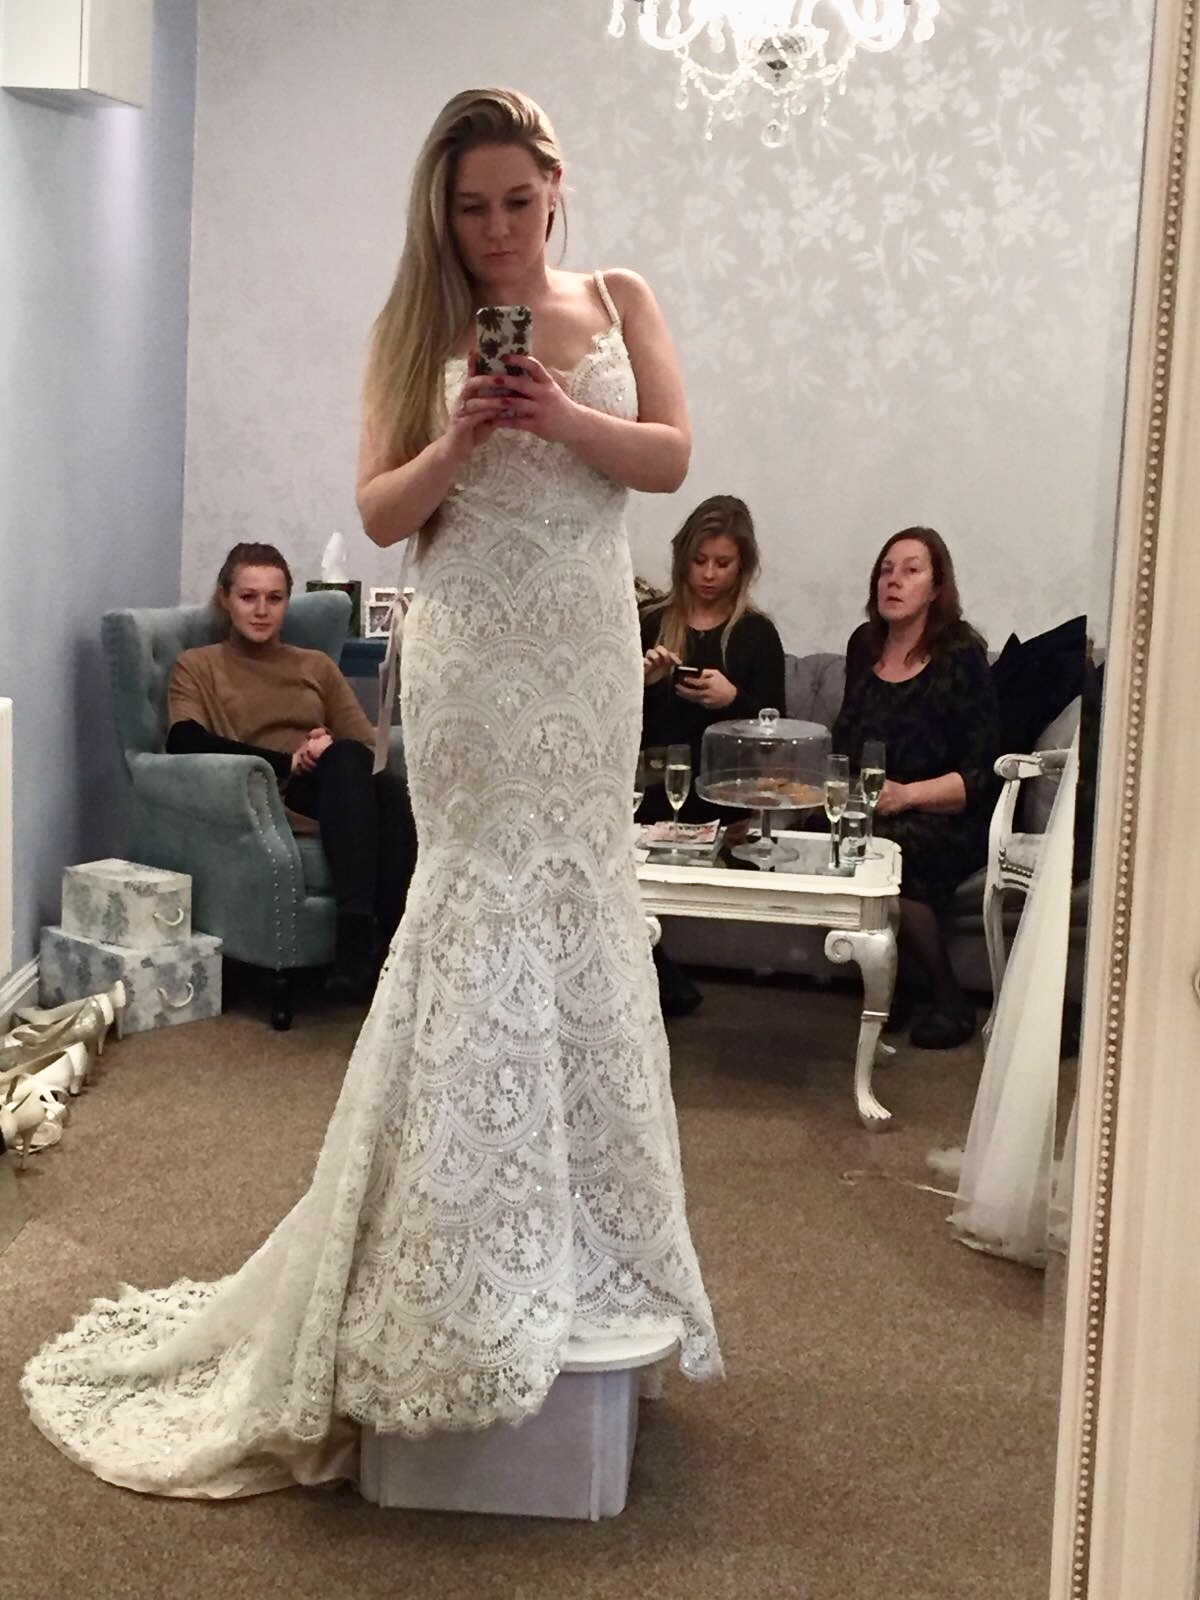 TheLadyandGentGetMarried, Katie Heath and Ben Heath wedding in Eggesford, Devon